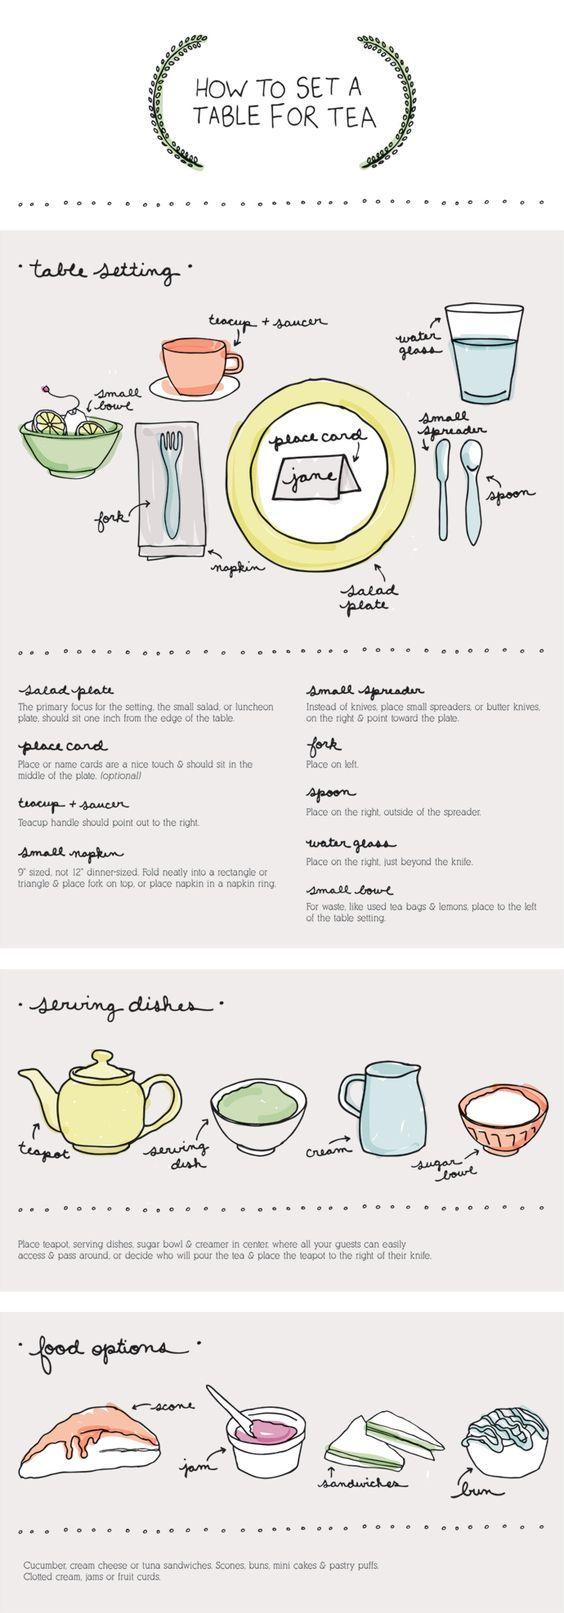 A Series Of Tea-rrific Tea Party Ideas Tea Party Table Setting 101  sc 1 st  Pinterest & 1053 best English High Tea u0026 Proper Tea Etiquette! images on ...